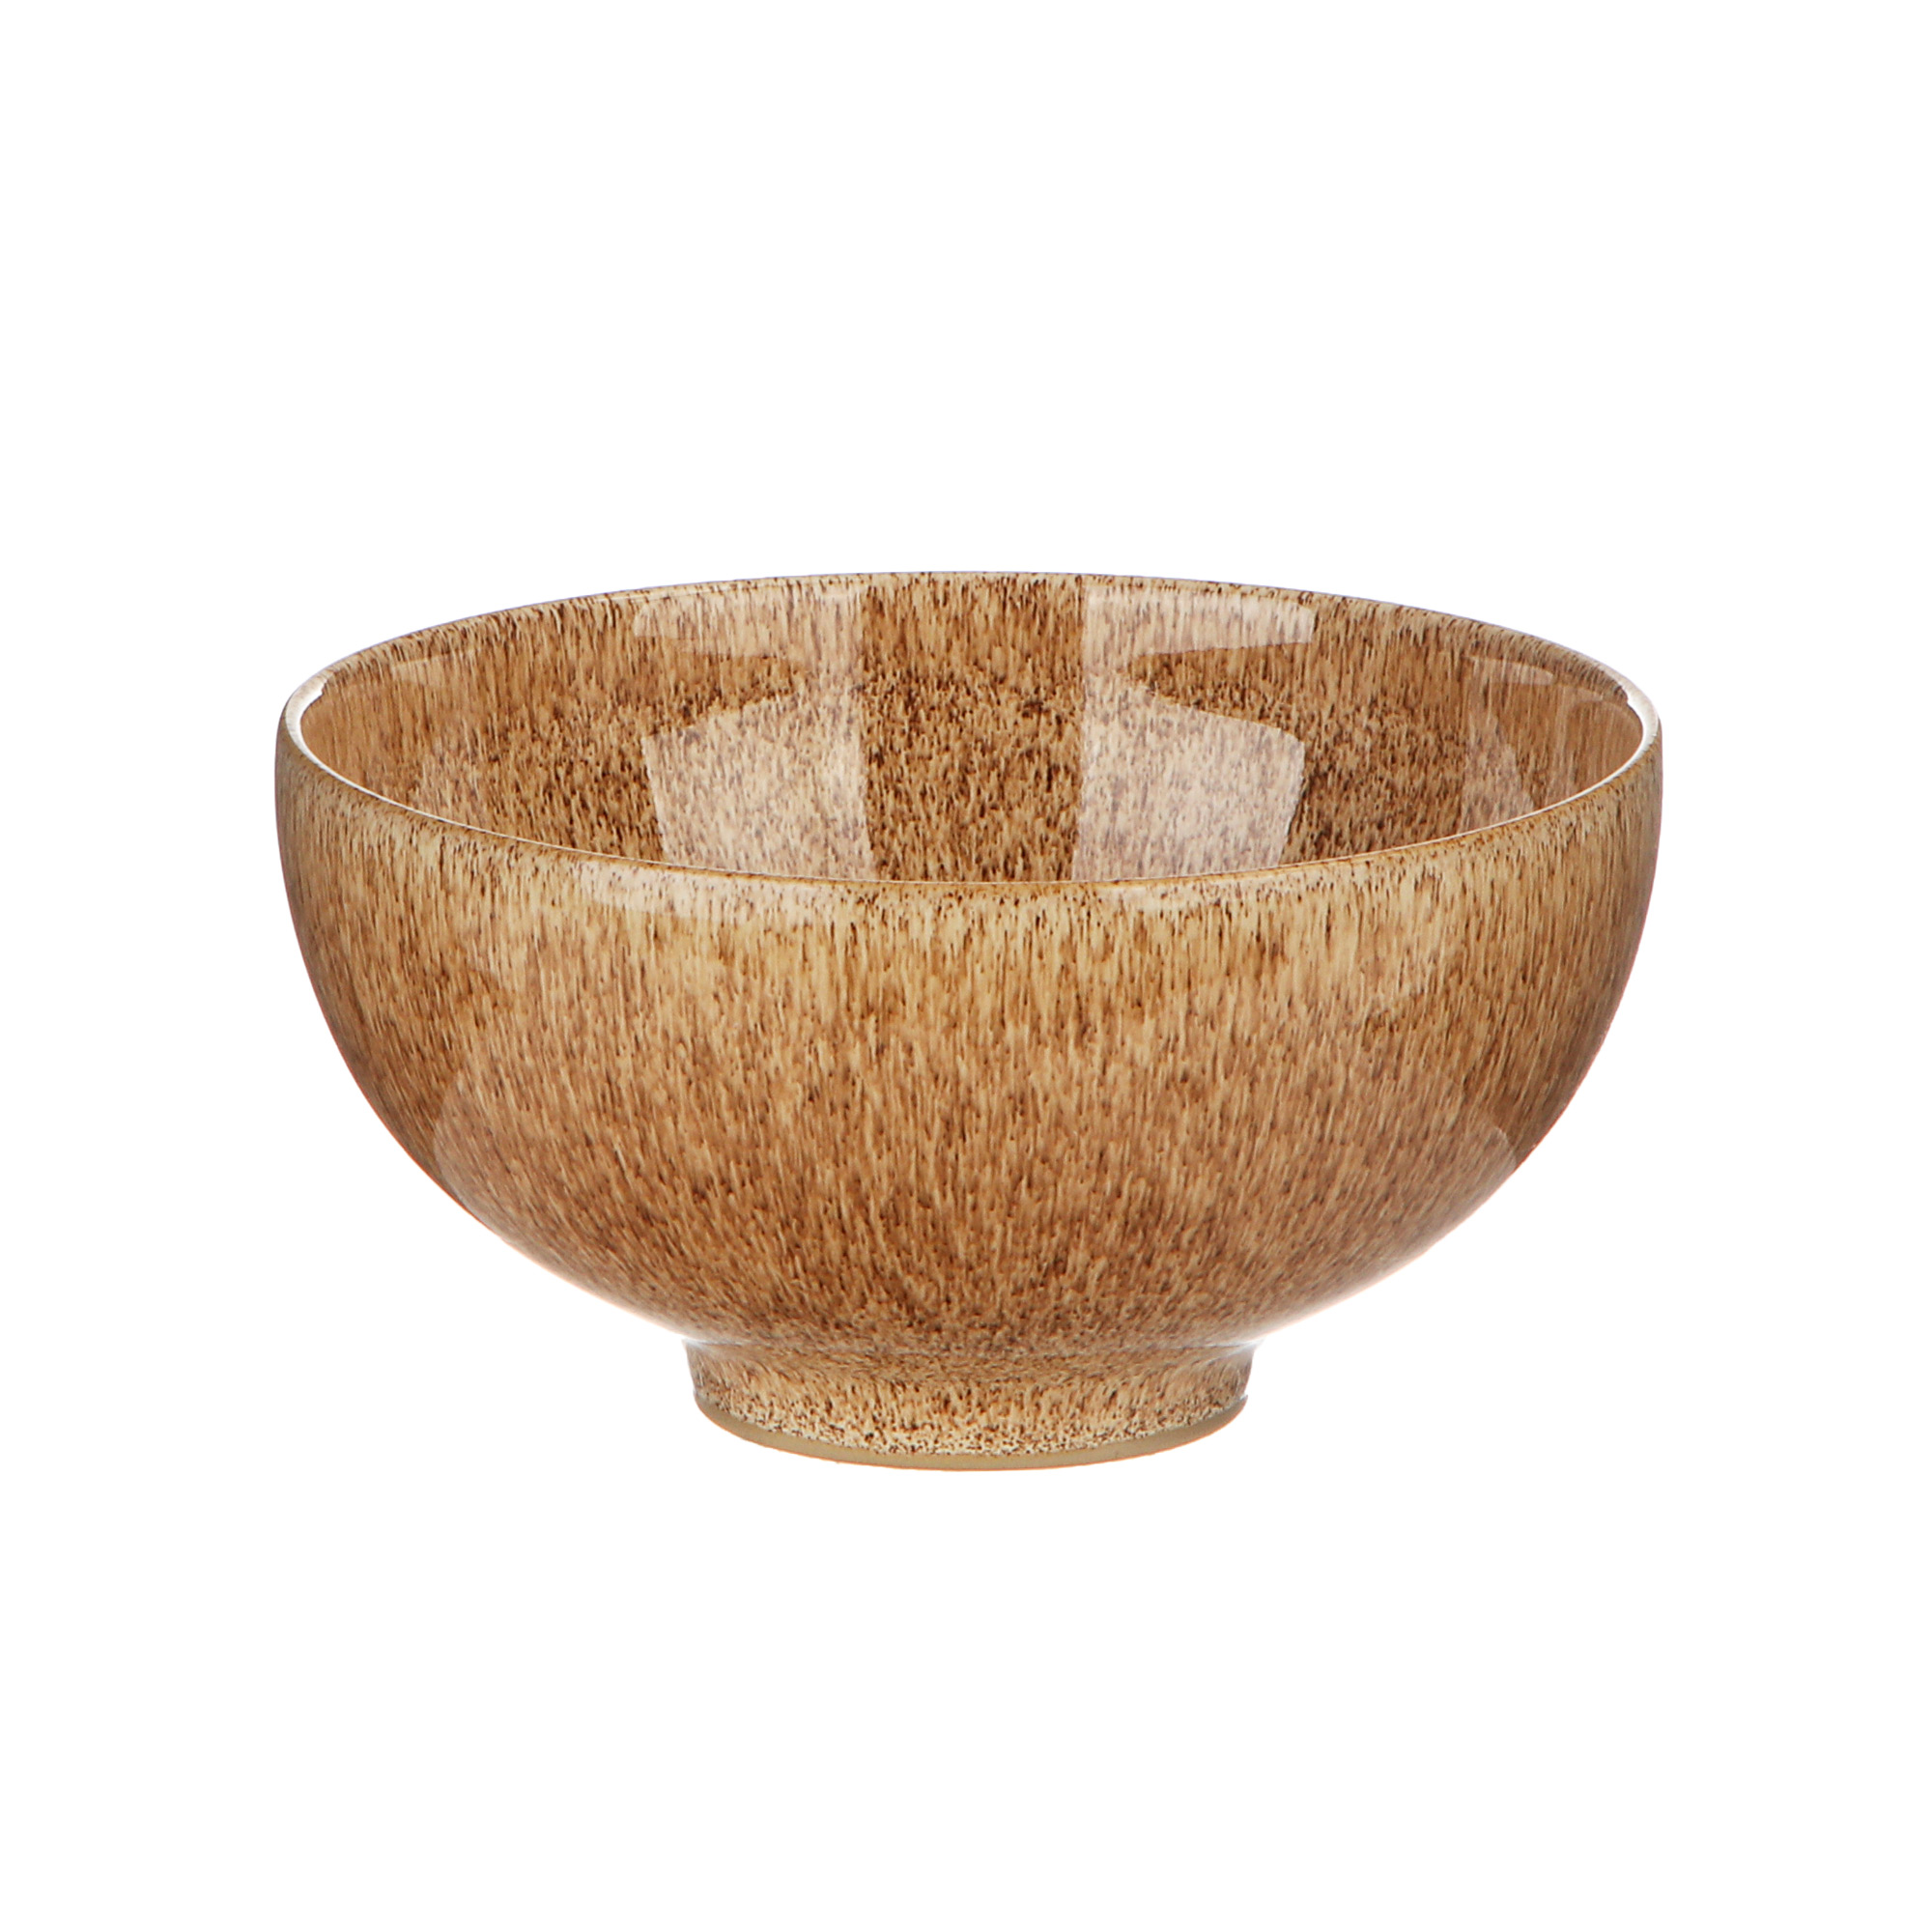 Фото - Чаша для риса Denby Studio Craft 13 см чаша для риса denby studio craft 13 см